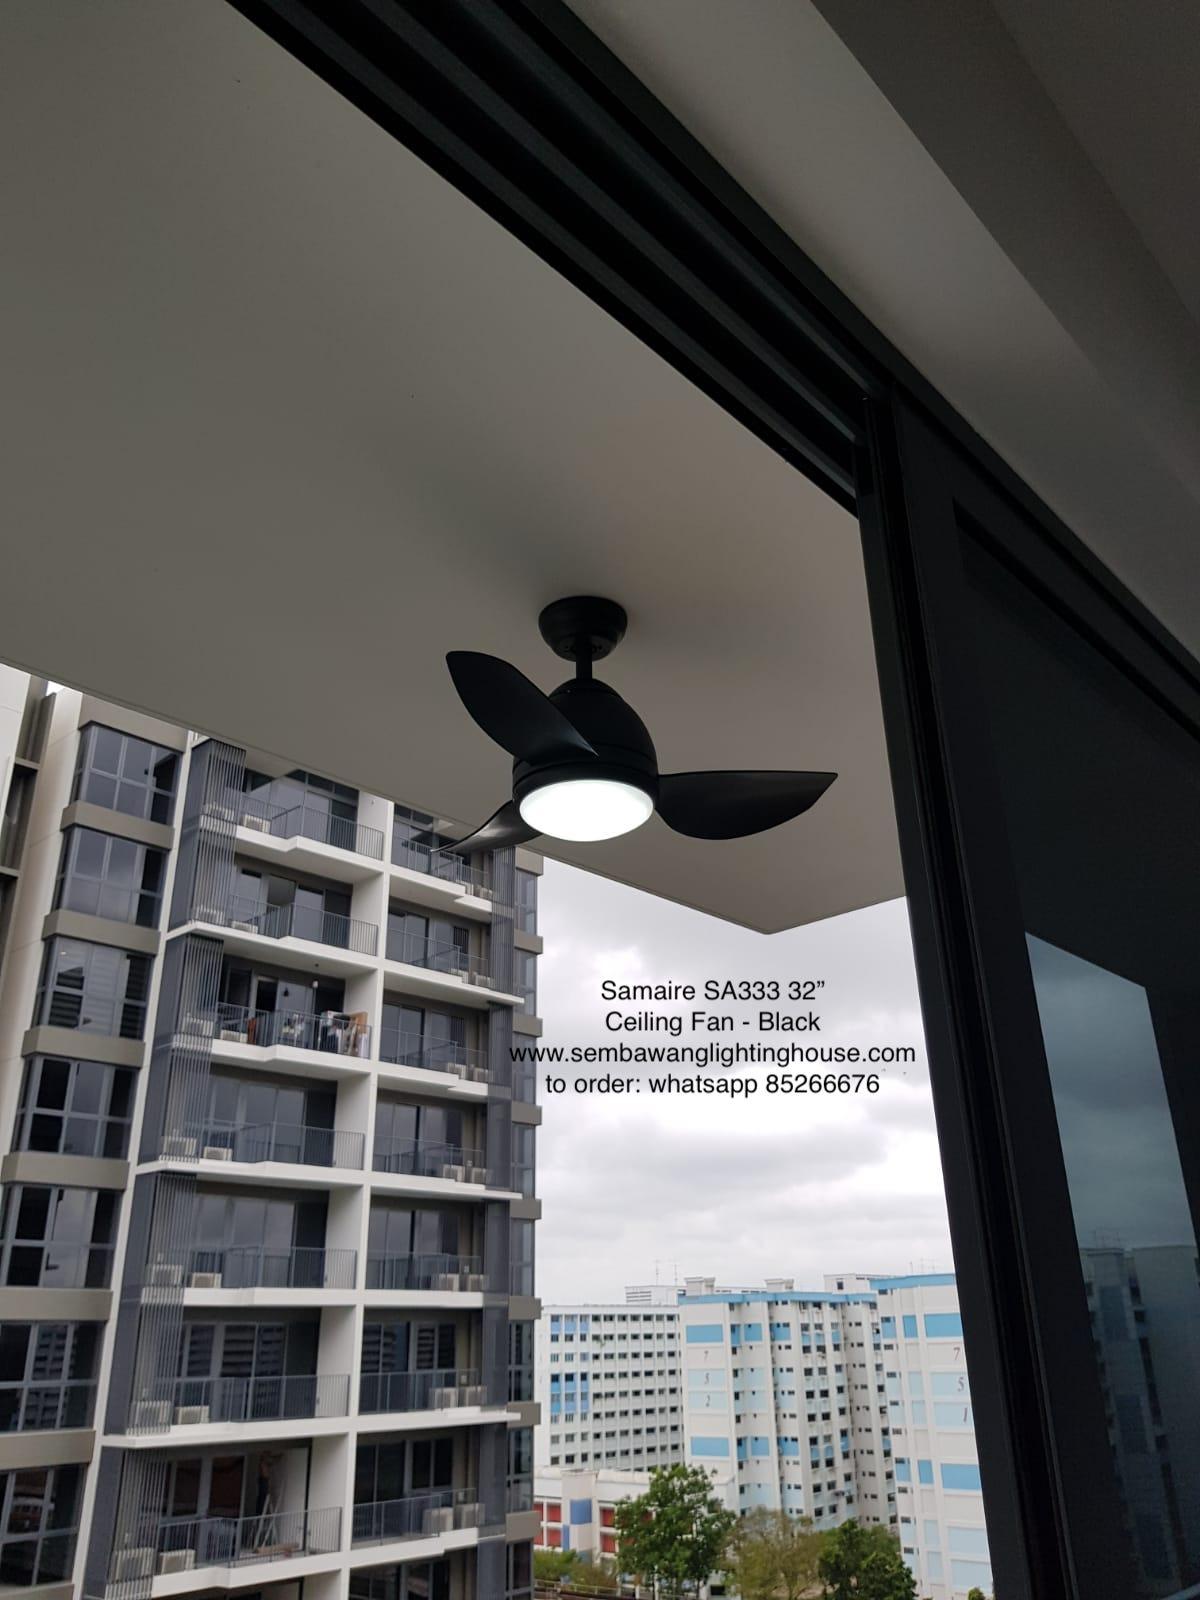 sample01-samaire-sa333-ceiling-fan-black-sembawang-lighting-house.jpg